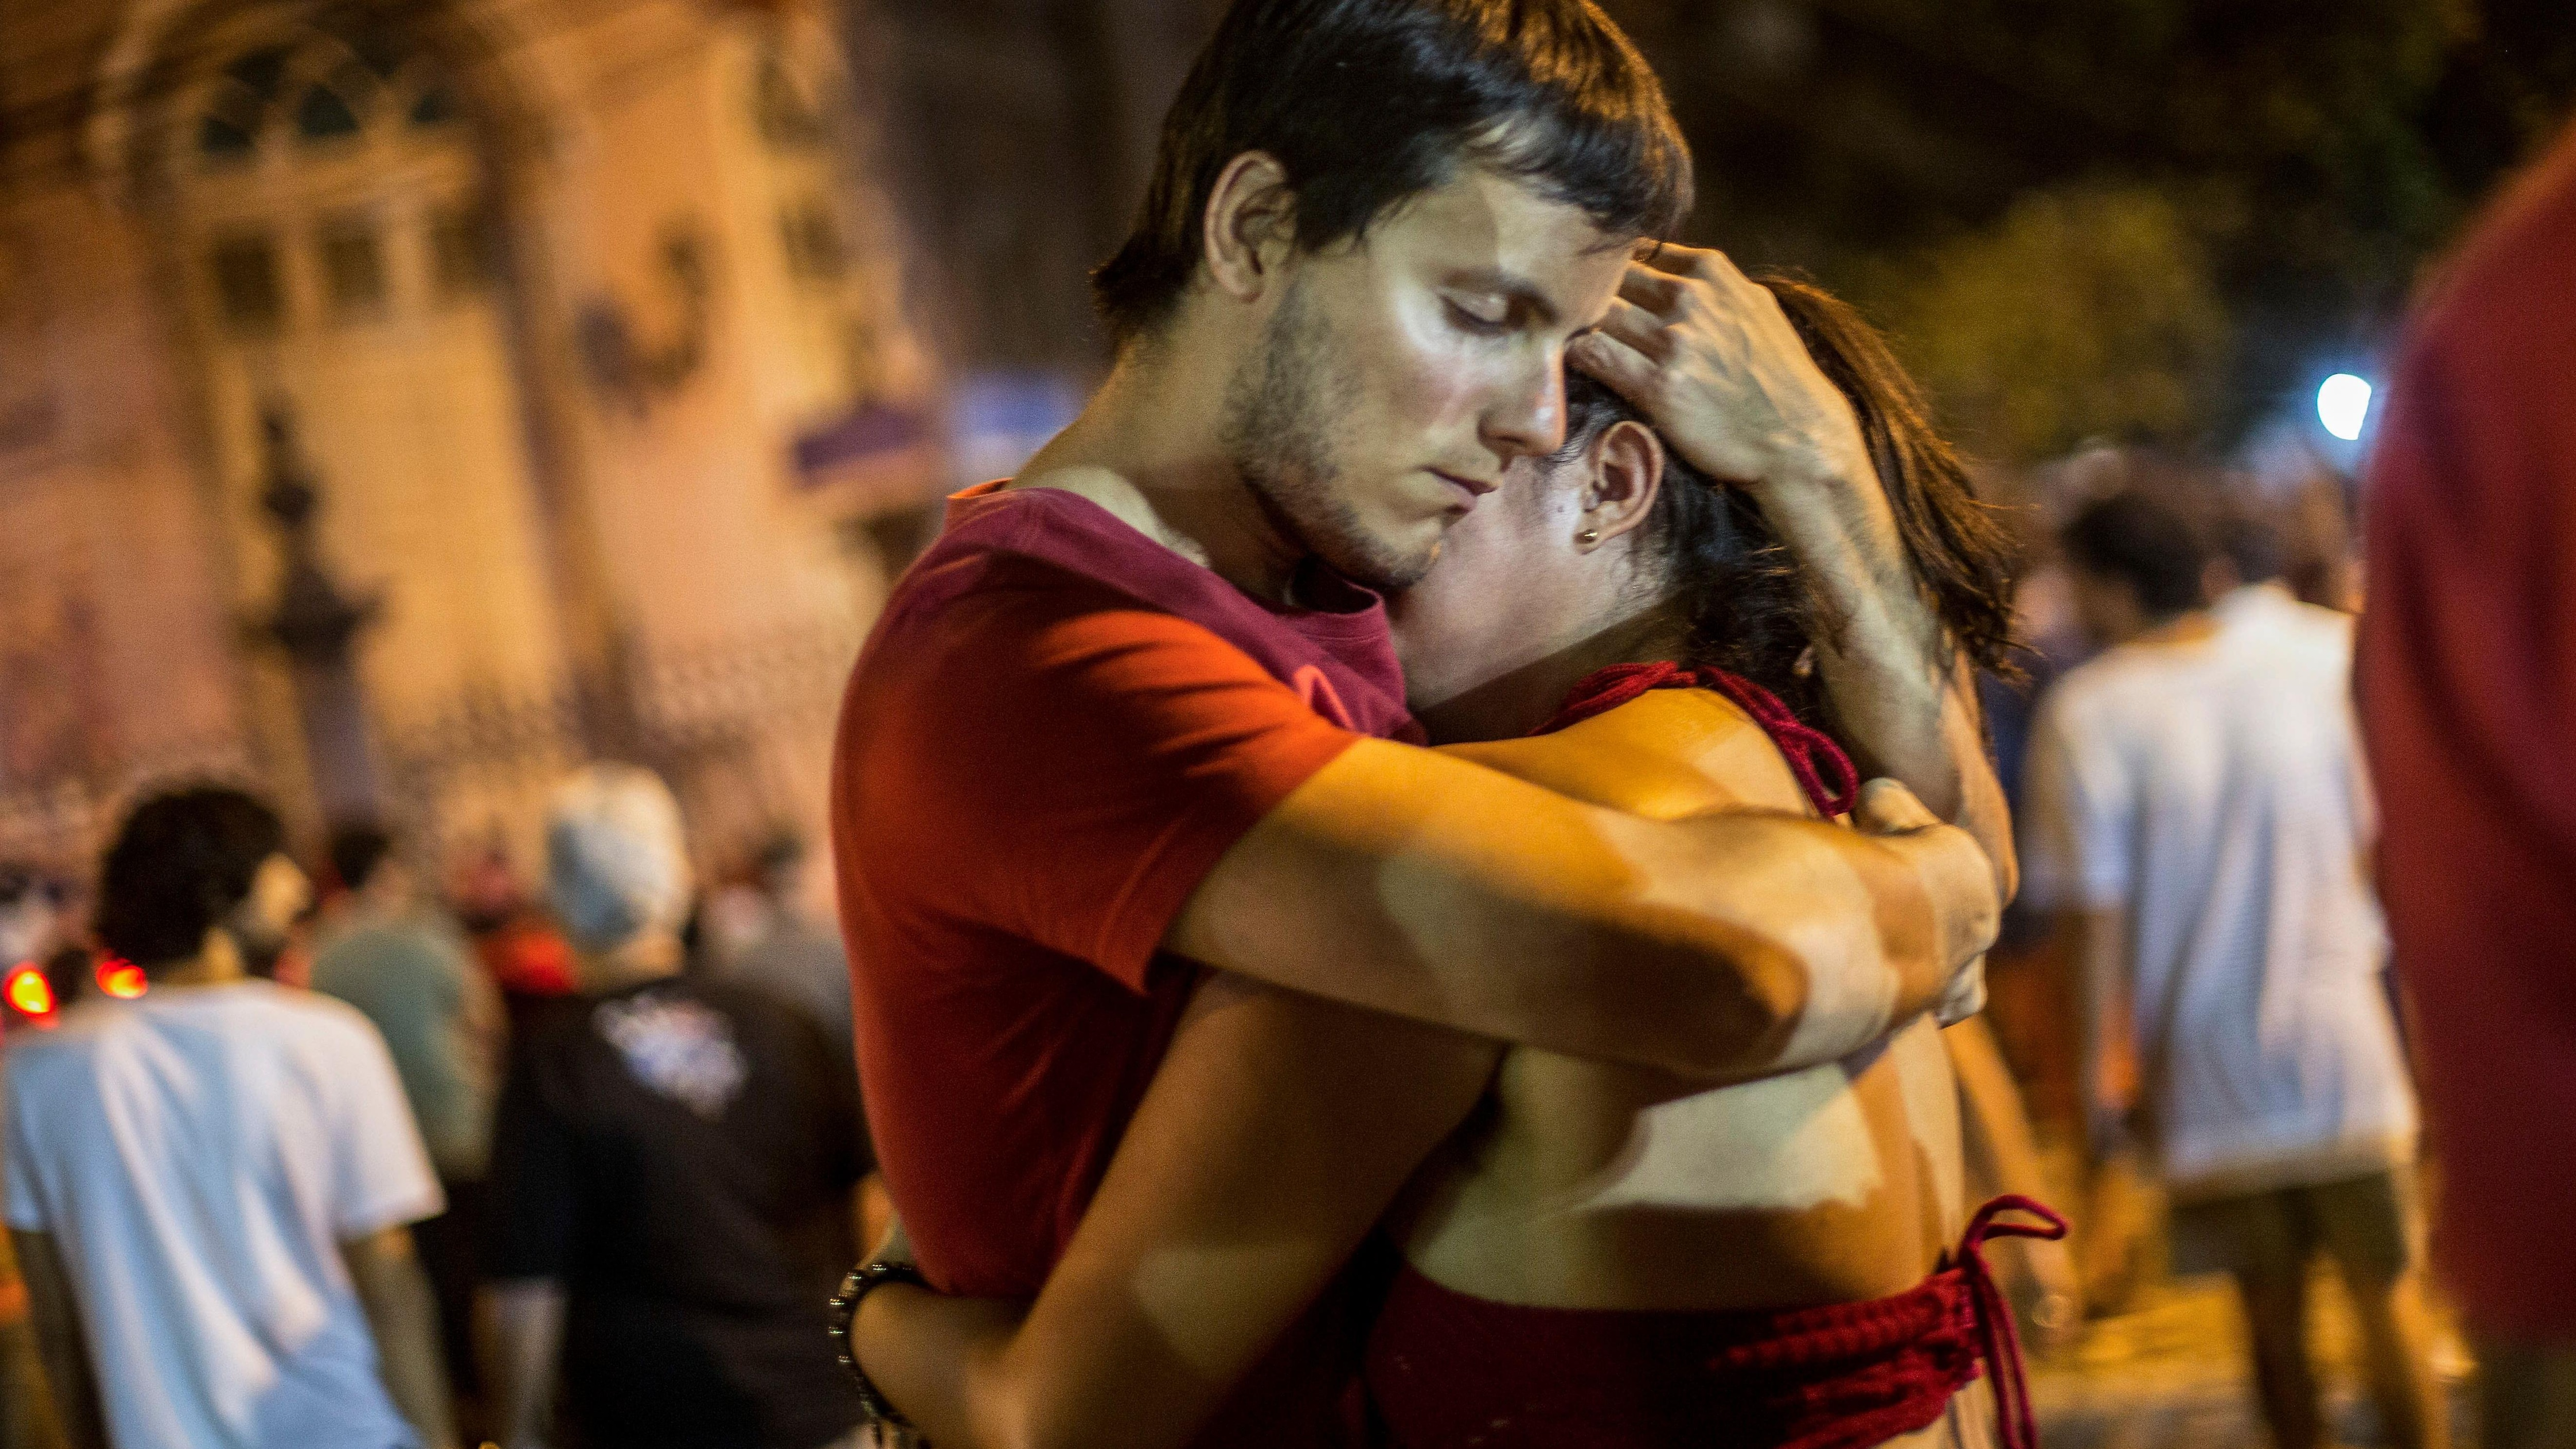 Un couple de partisans du candidat du Parti des travailleurs, Fernando Haddad, s'enlacent après l'annonce de la victoire de M. Bolsonaro, à Rio de Janeiro, le 28 octobre 2018.